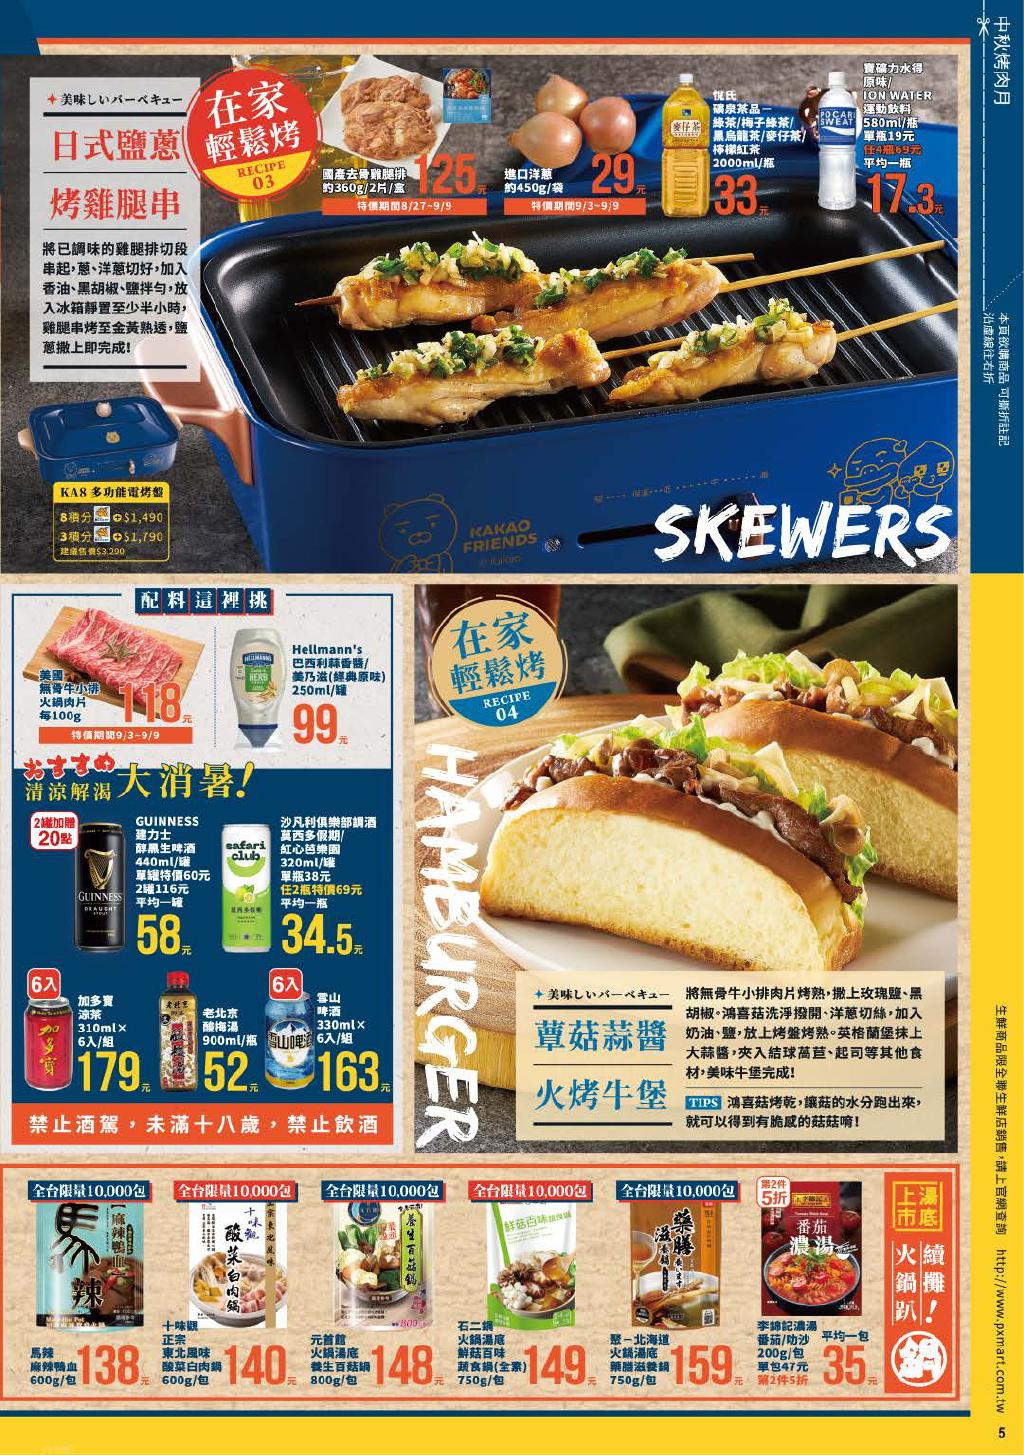 pxmart20210909_000005.jpg